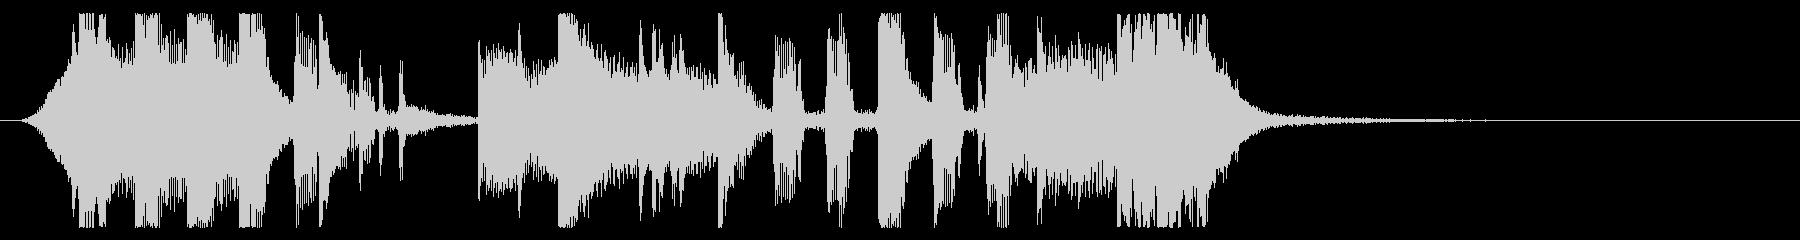 ホラー系EDMダブステップジングル07の未再生の波形